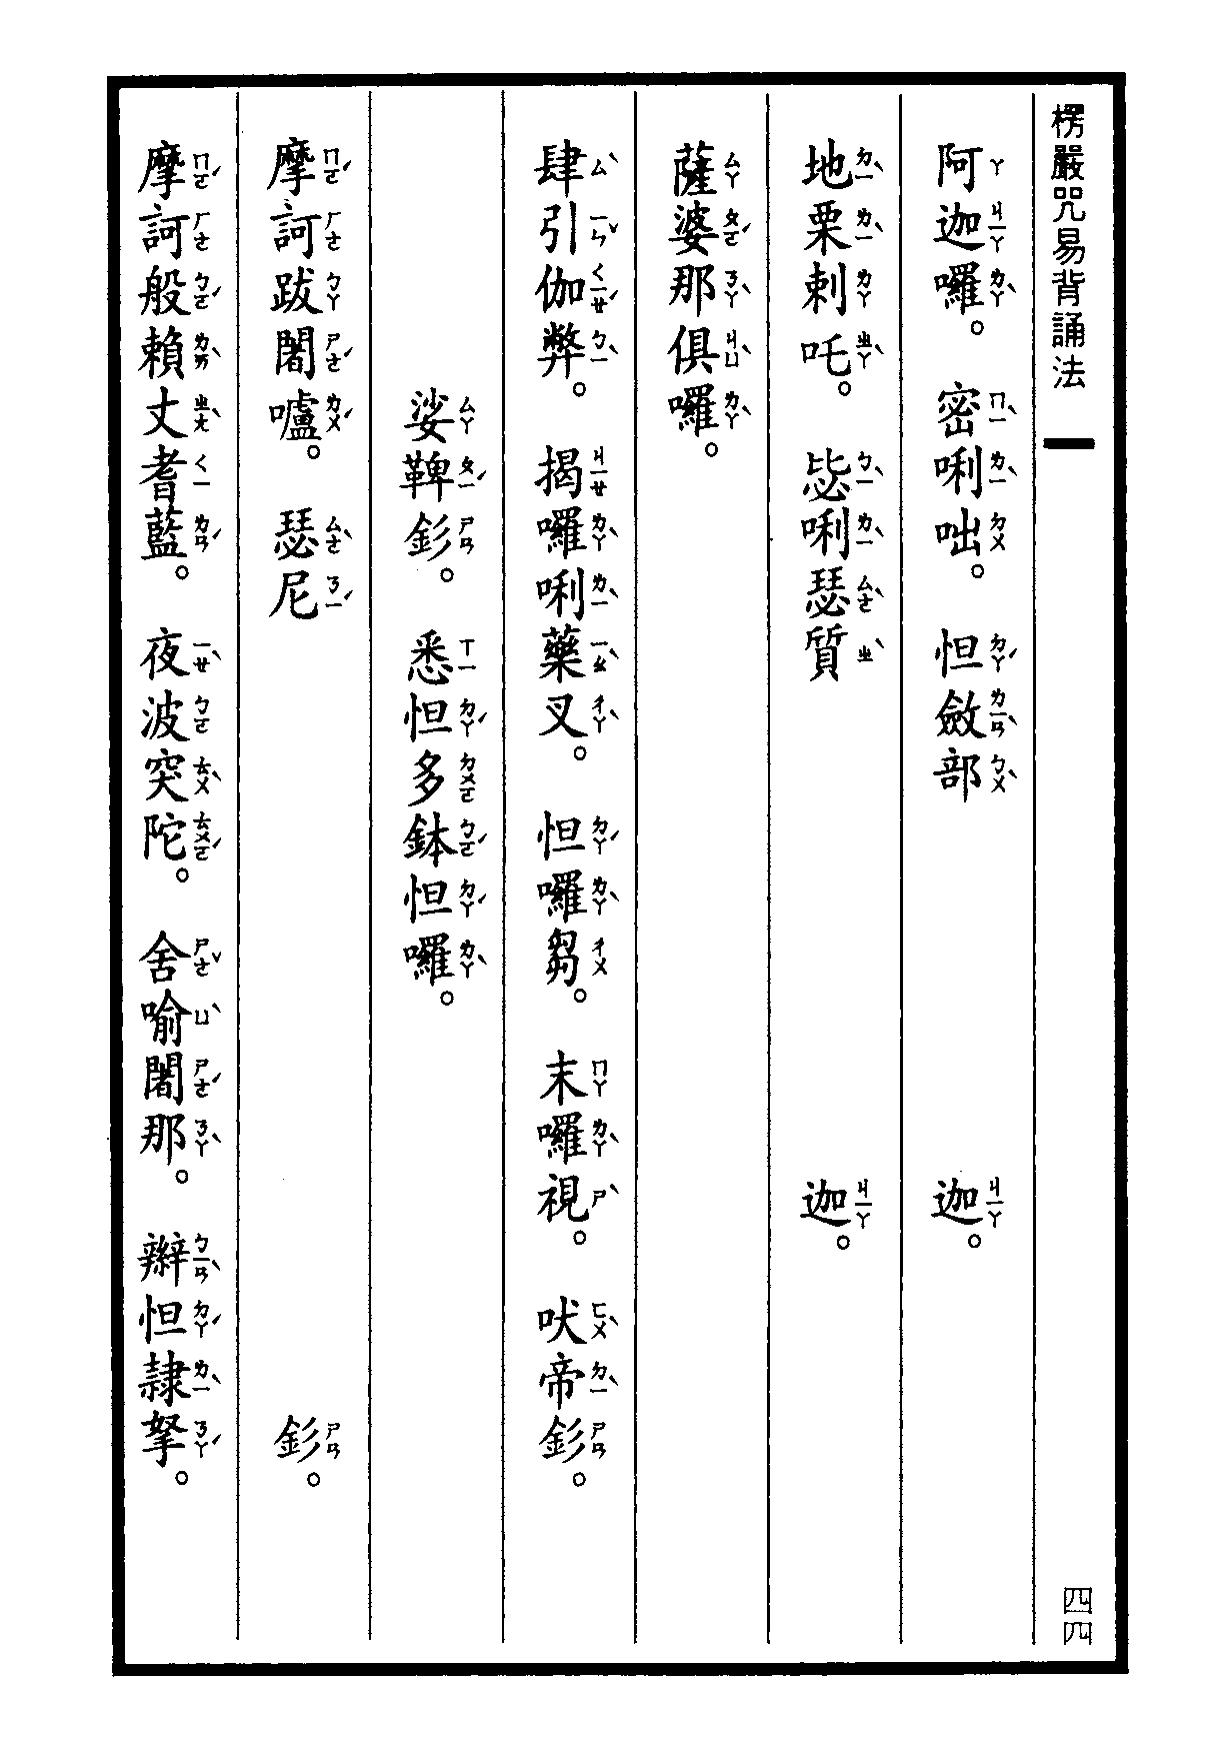 楞嚴咒-大悲咒-十小咒-易背本 50.png